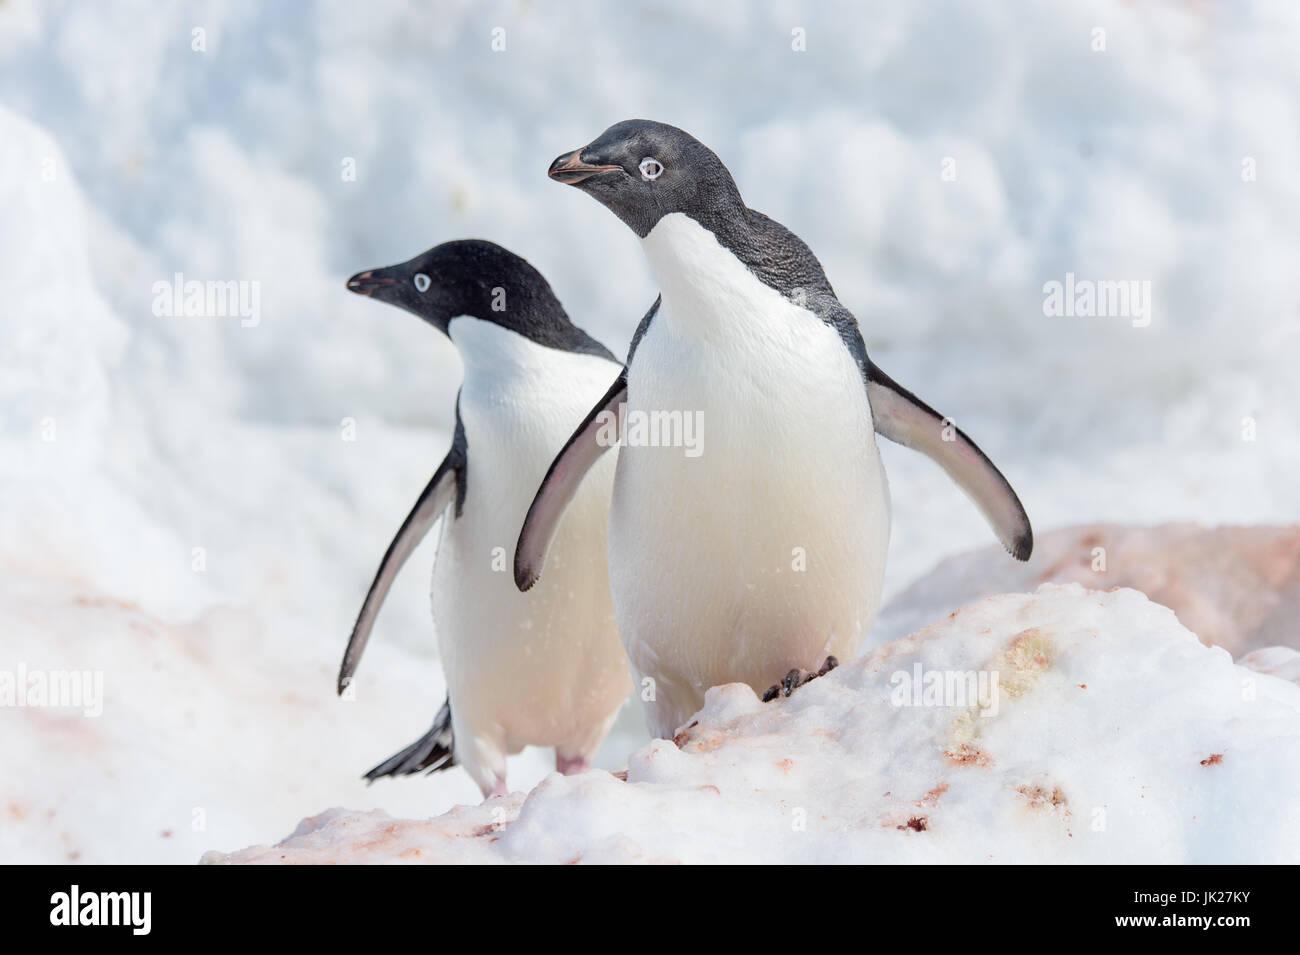 Una coppia di Adelie penguins guardando la telecamera in Antartide Immagini Stock